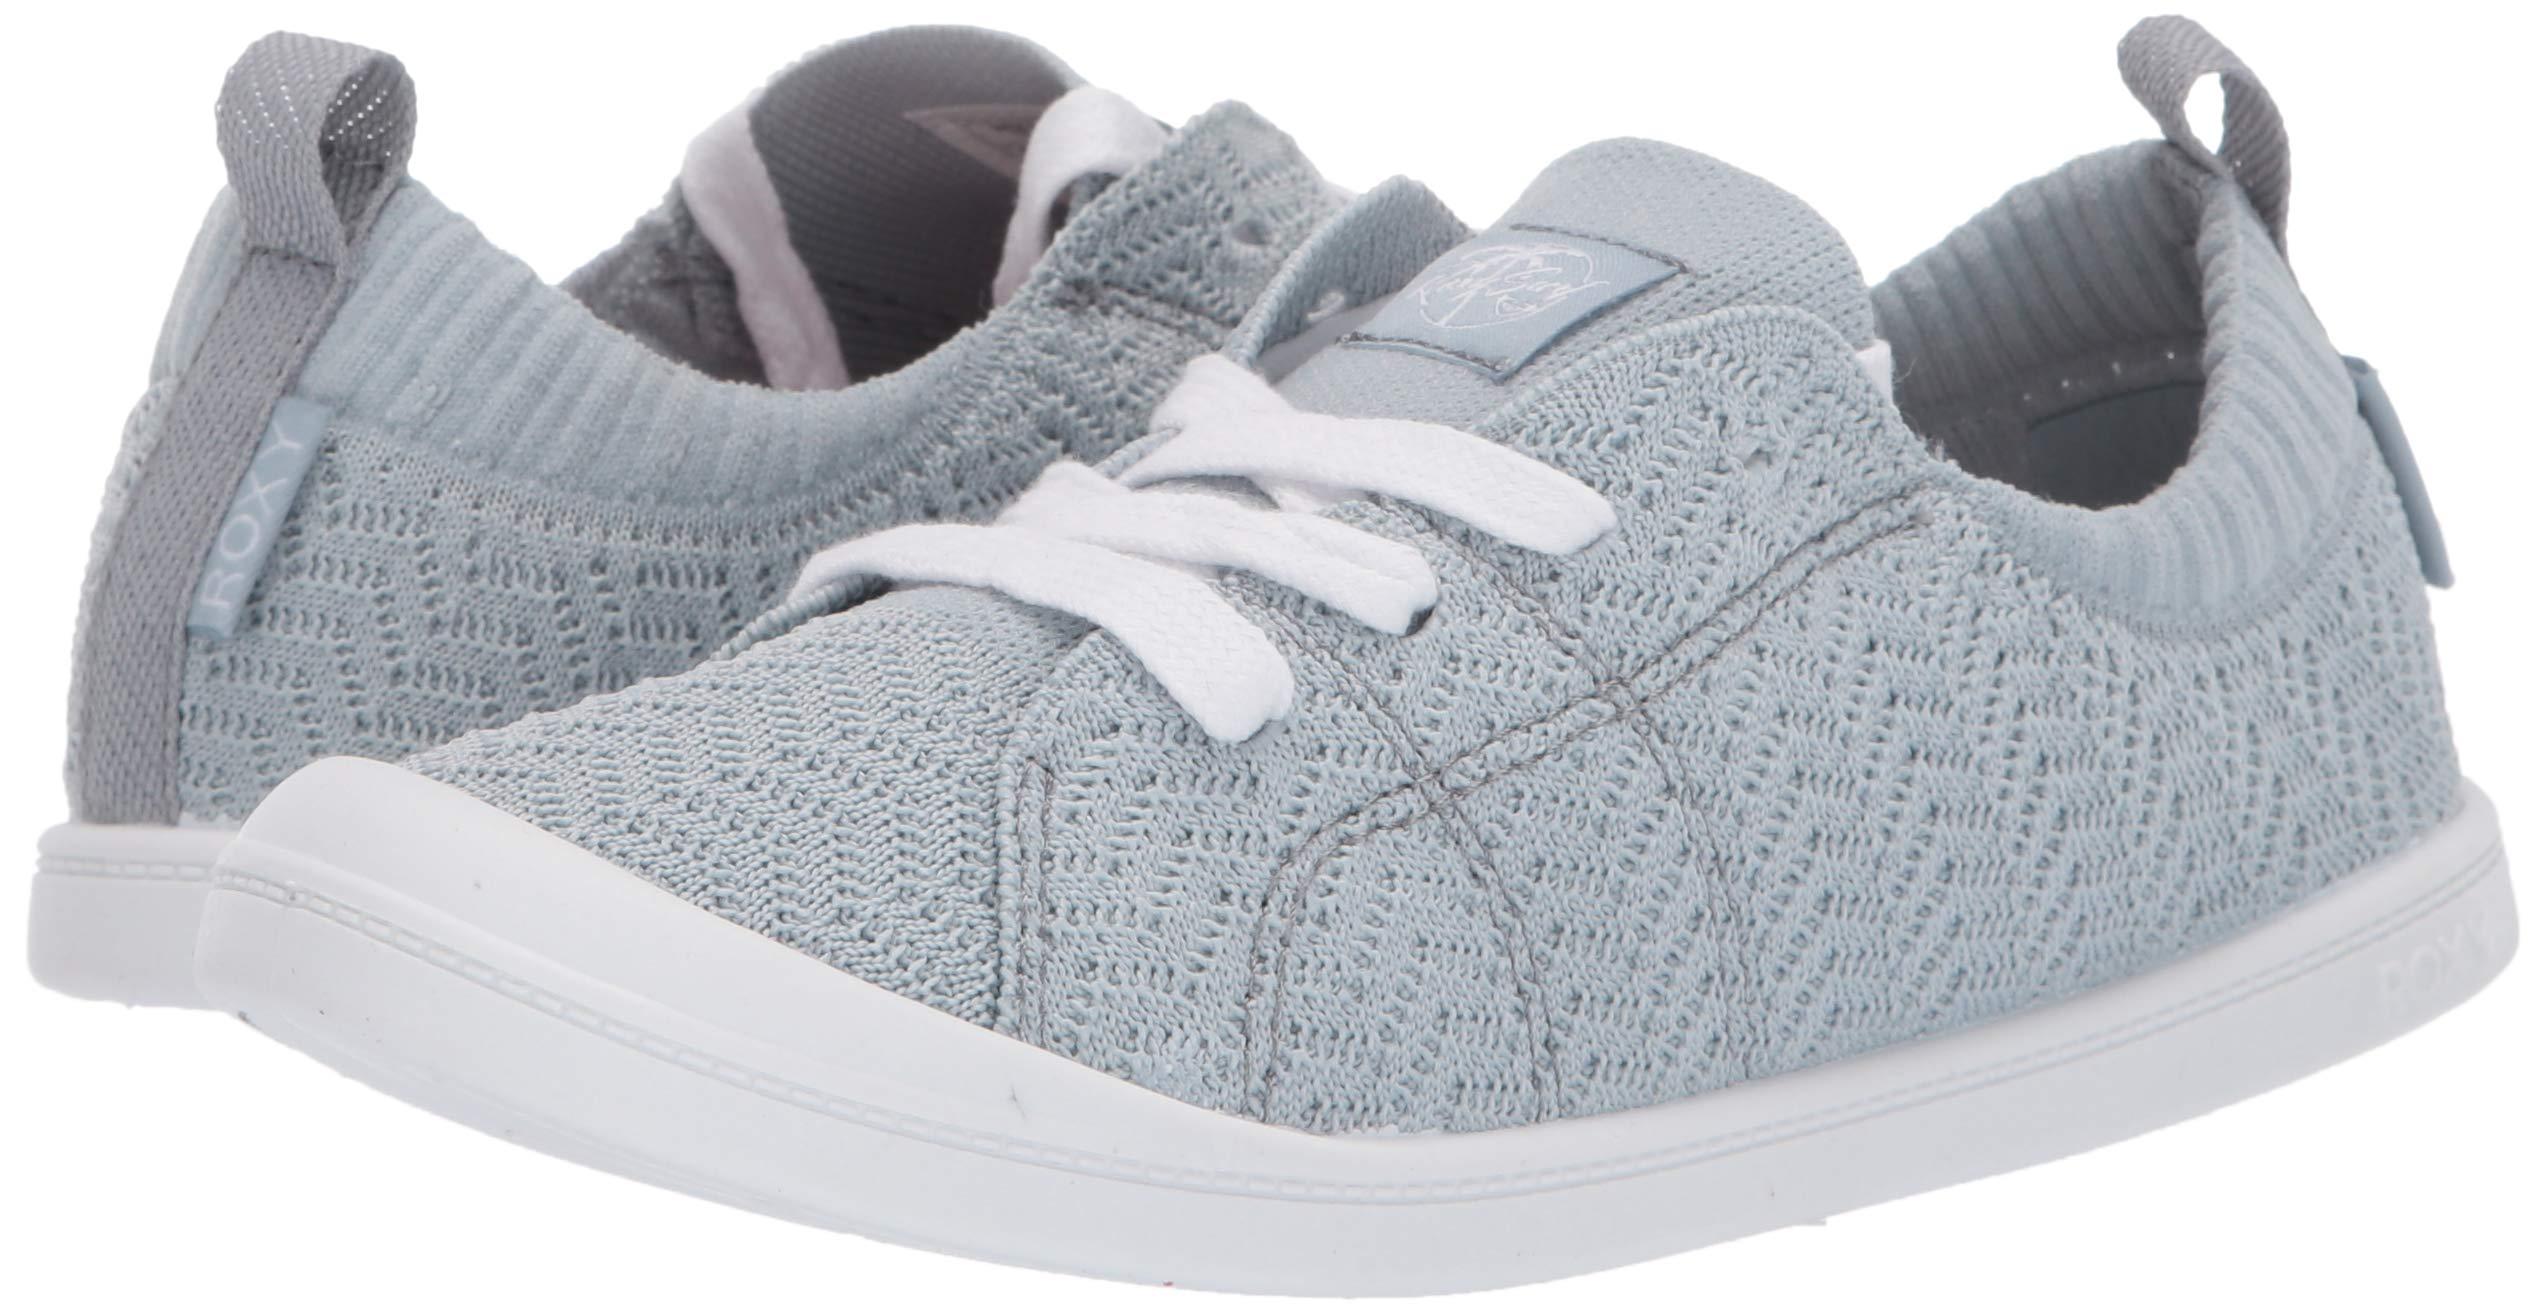 b750a32622faf Details about Roxy Women's Bayshore Knit Shoe Sneaker, Baja Blue - Choose  SZ/color